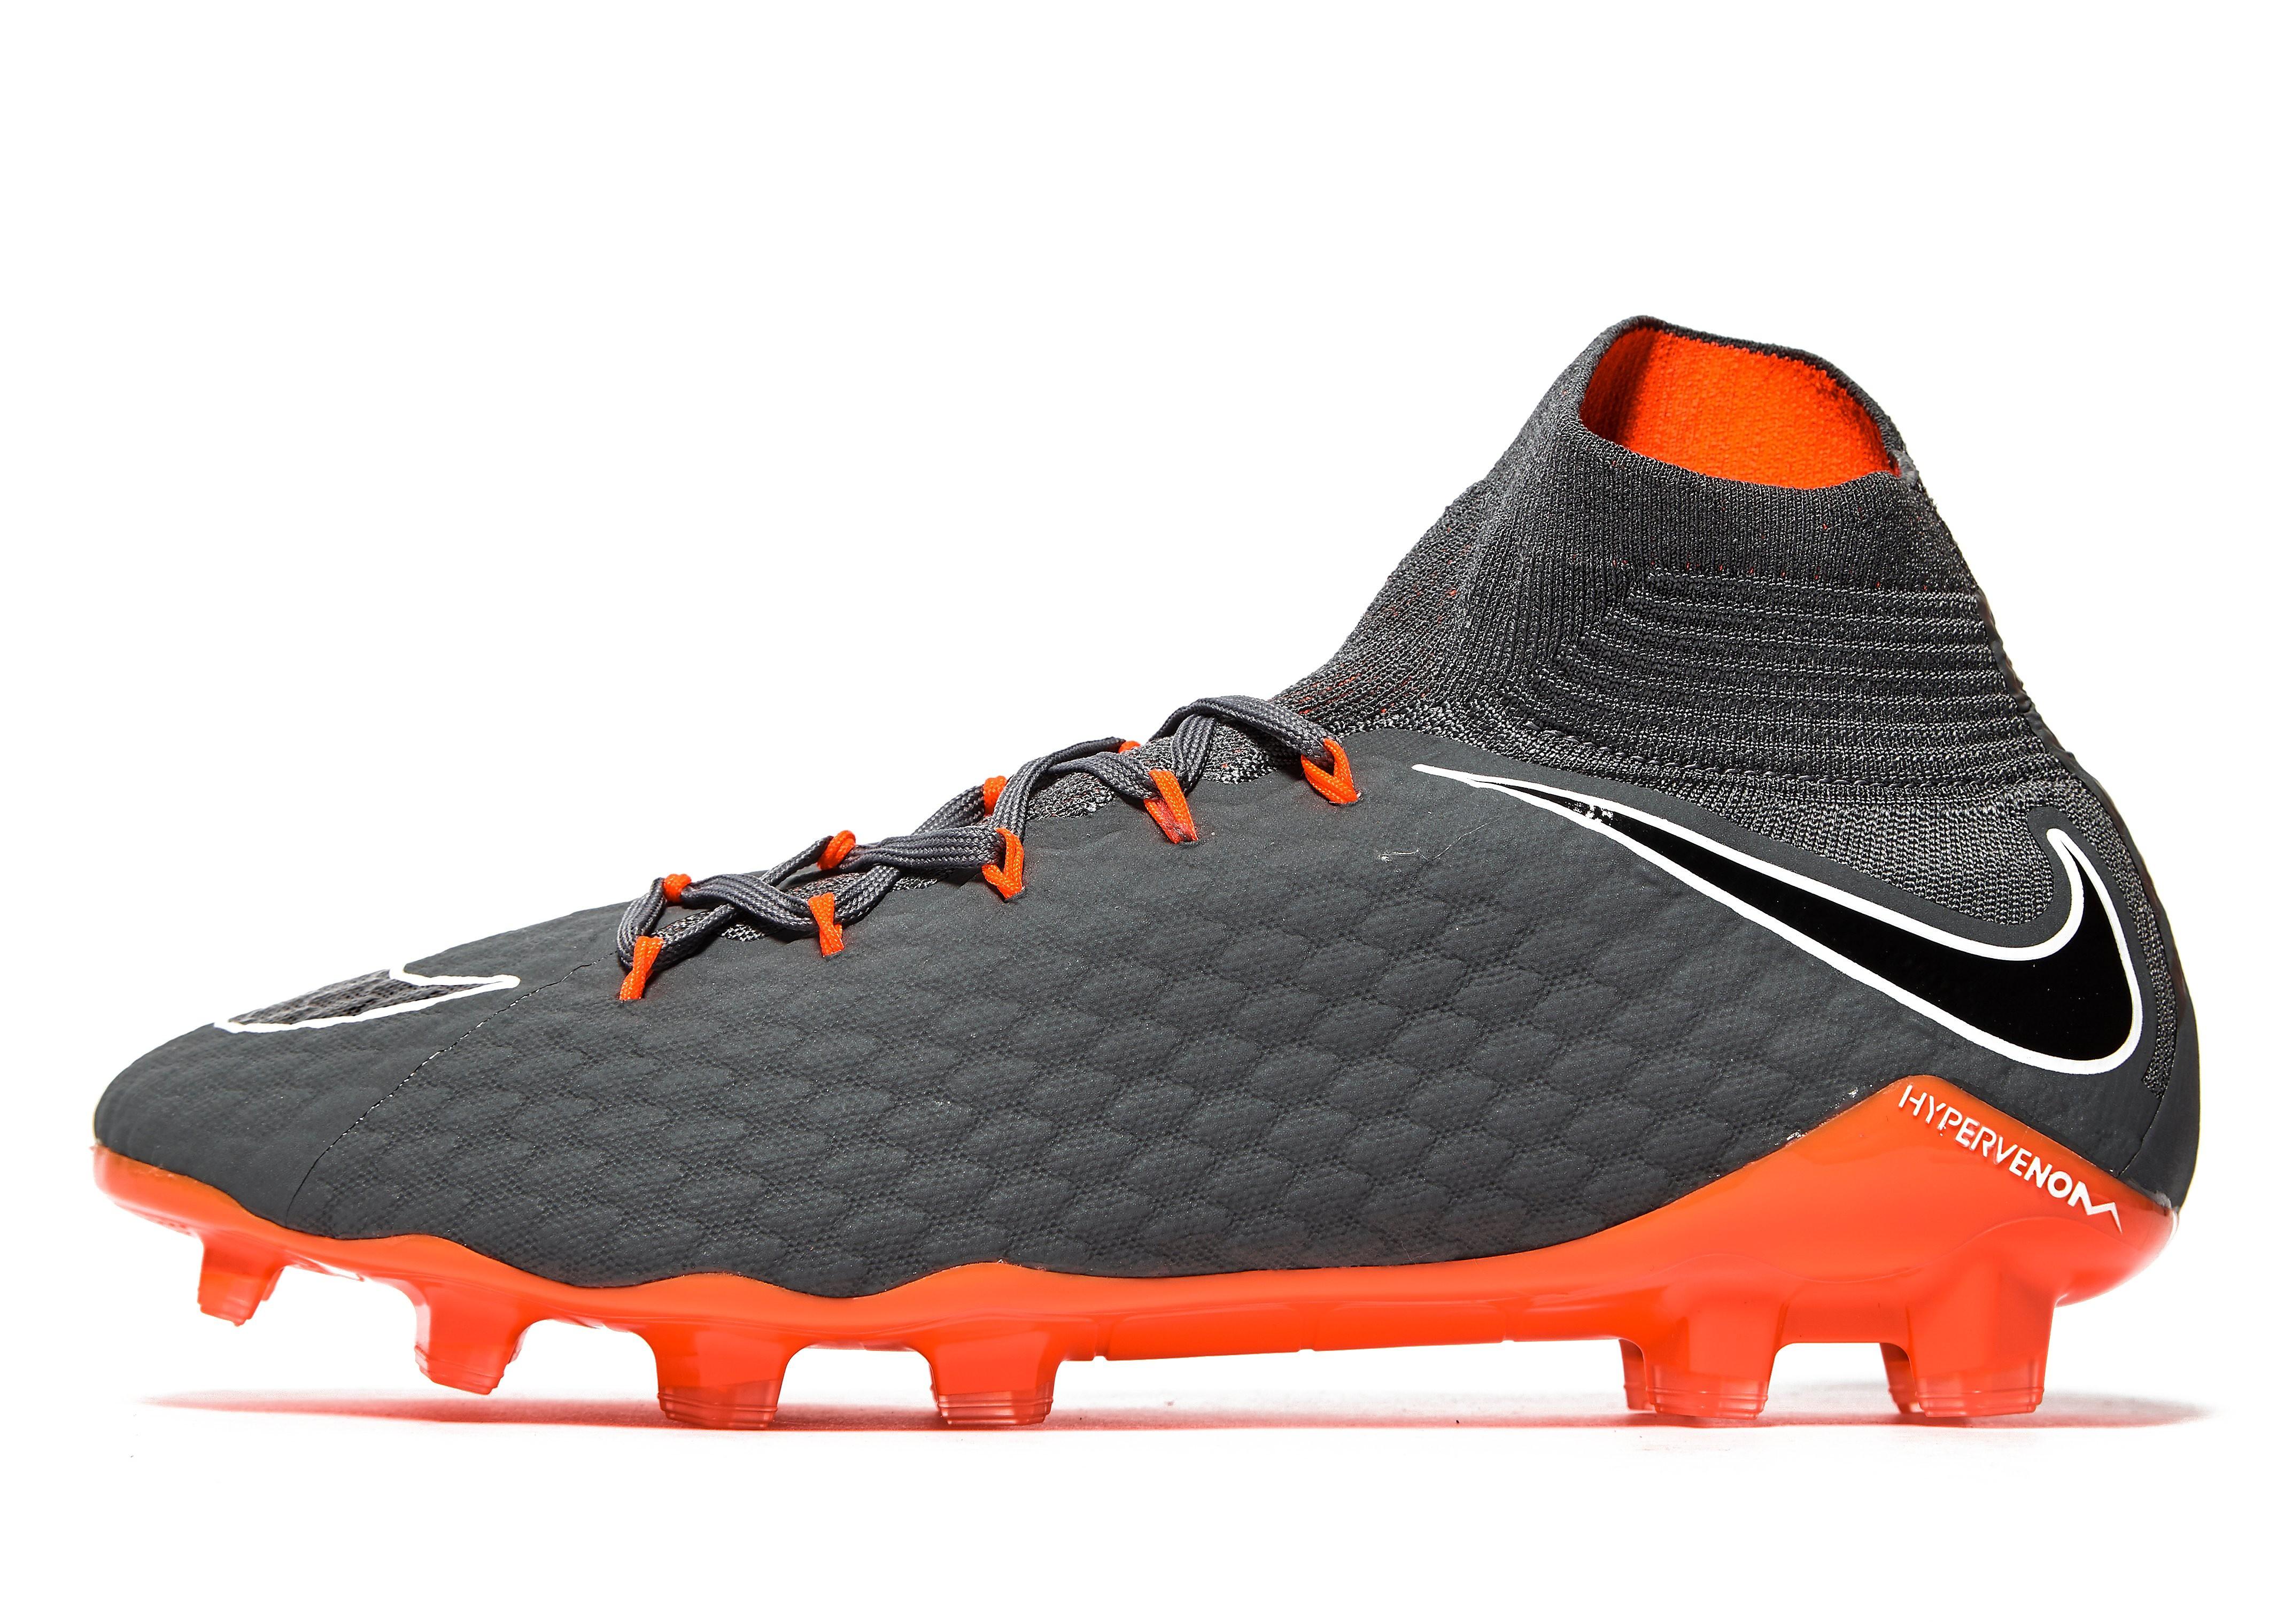 Nike Fast AF Hypervenom Pro Dynamic Fit FG